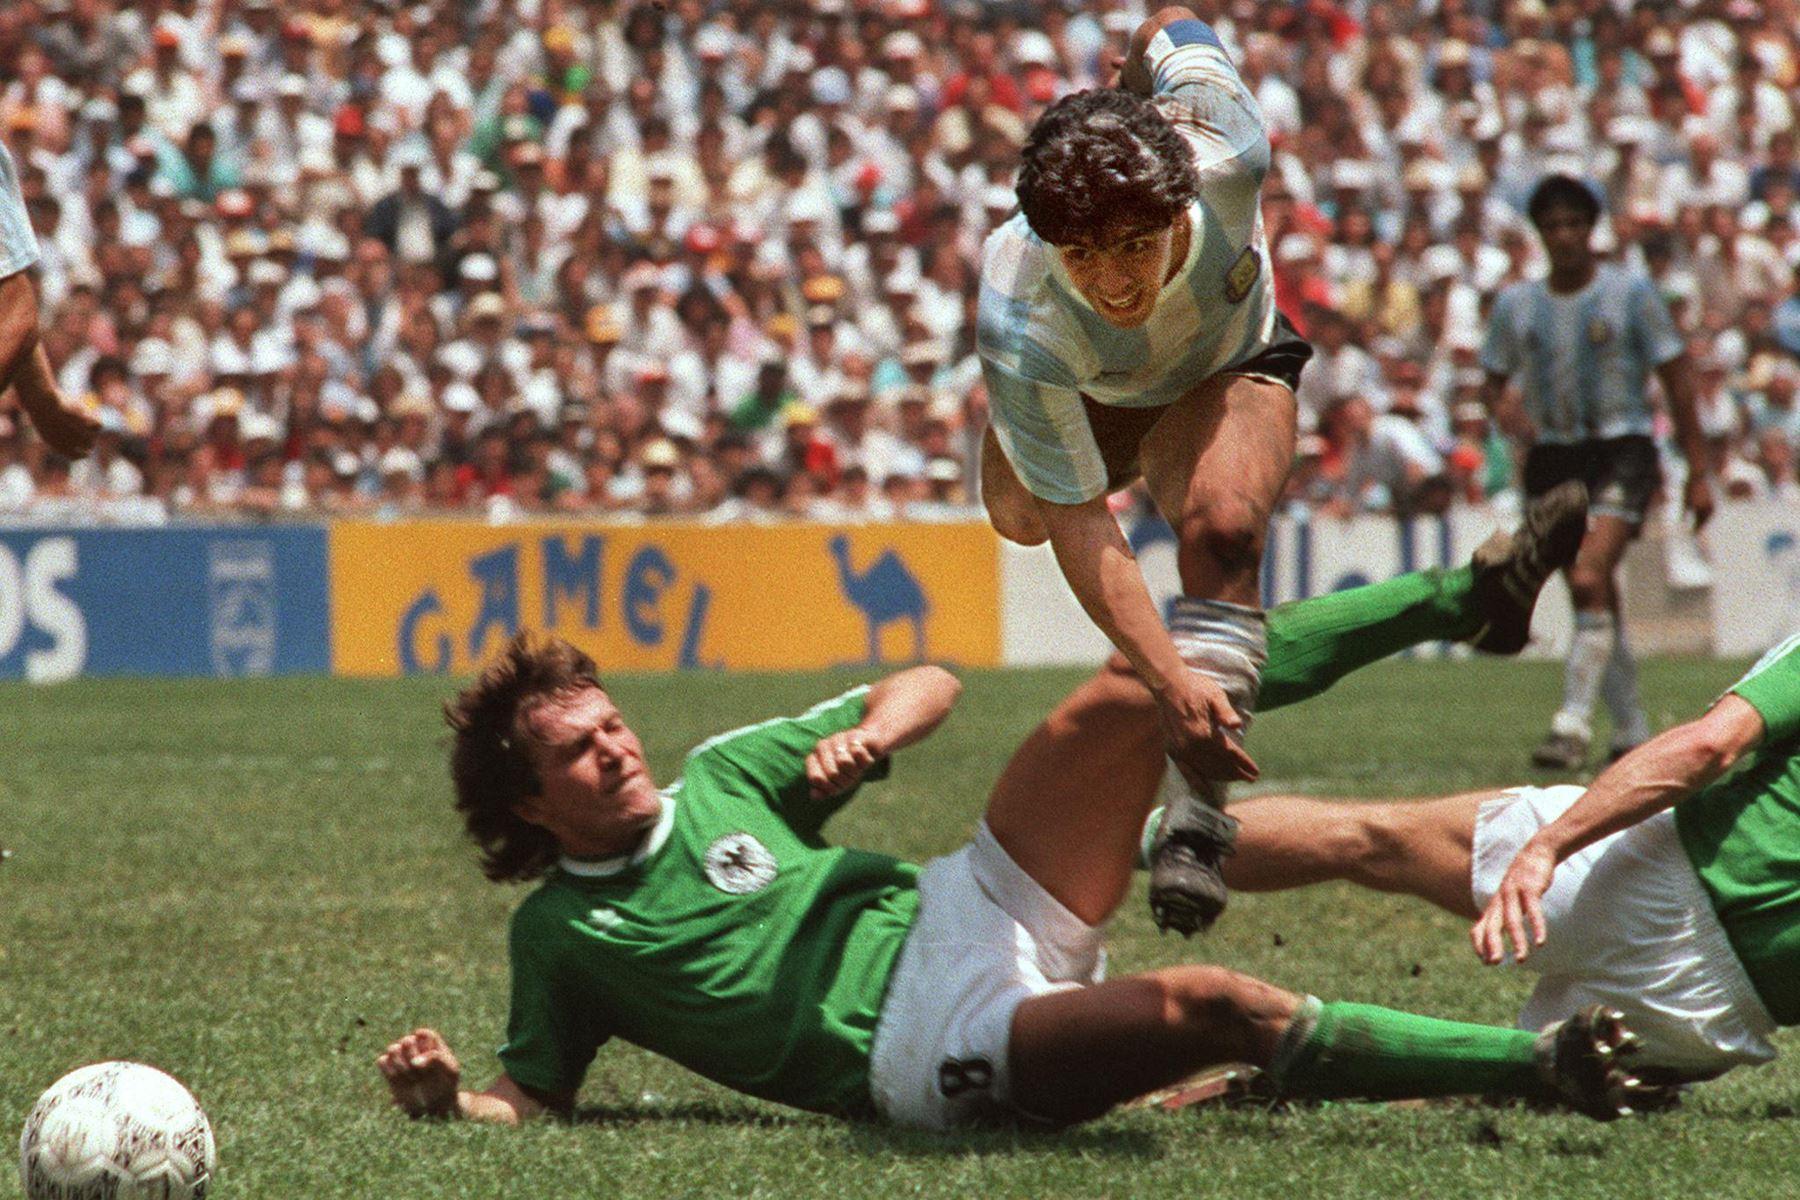 En esta foto de archivo tomada el 29 de junio de 1986, el capitán del equipo y estrella del fútbol argentino Diego Maradona evade una entrada de Lothar Matthaus de Alemania Occidental durante la final de la Copa Mundial de Fútbol. Foto: AFP